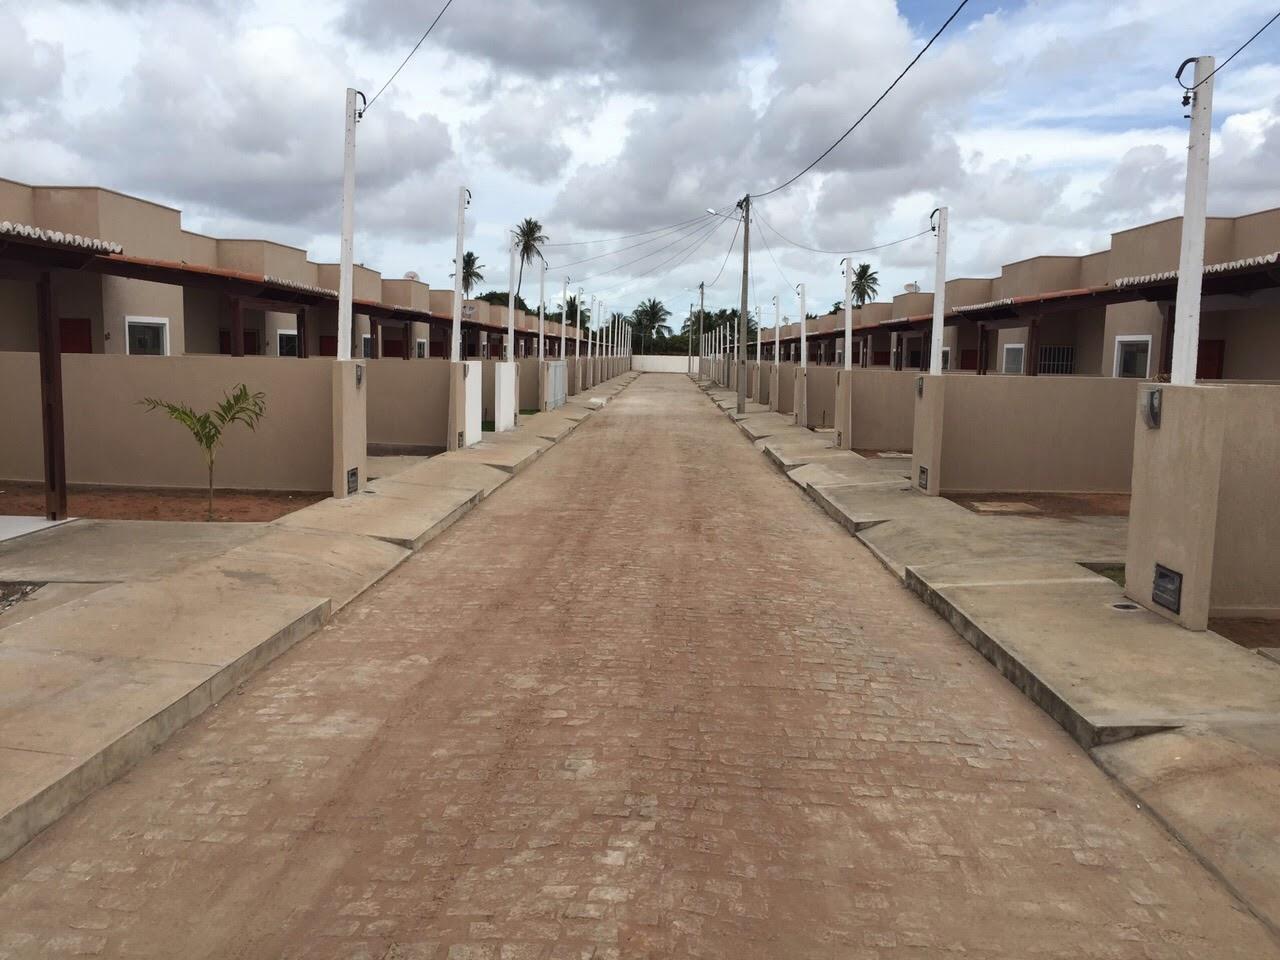 Residencial no Programa Minha Casa Minha Vida: São Gonçalo do  #4A6381 1280x960